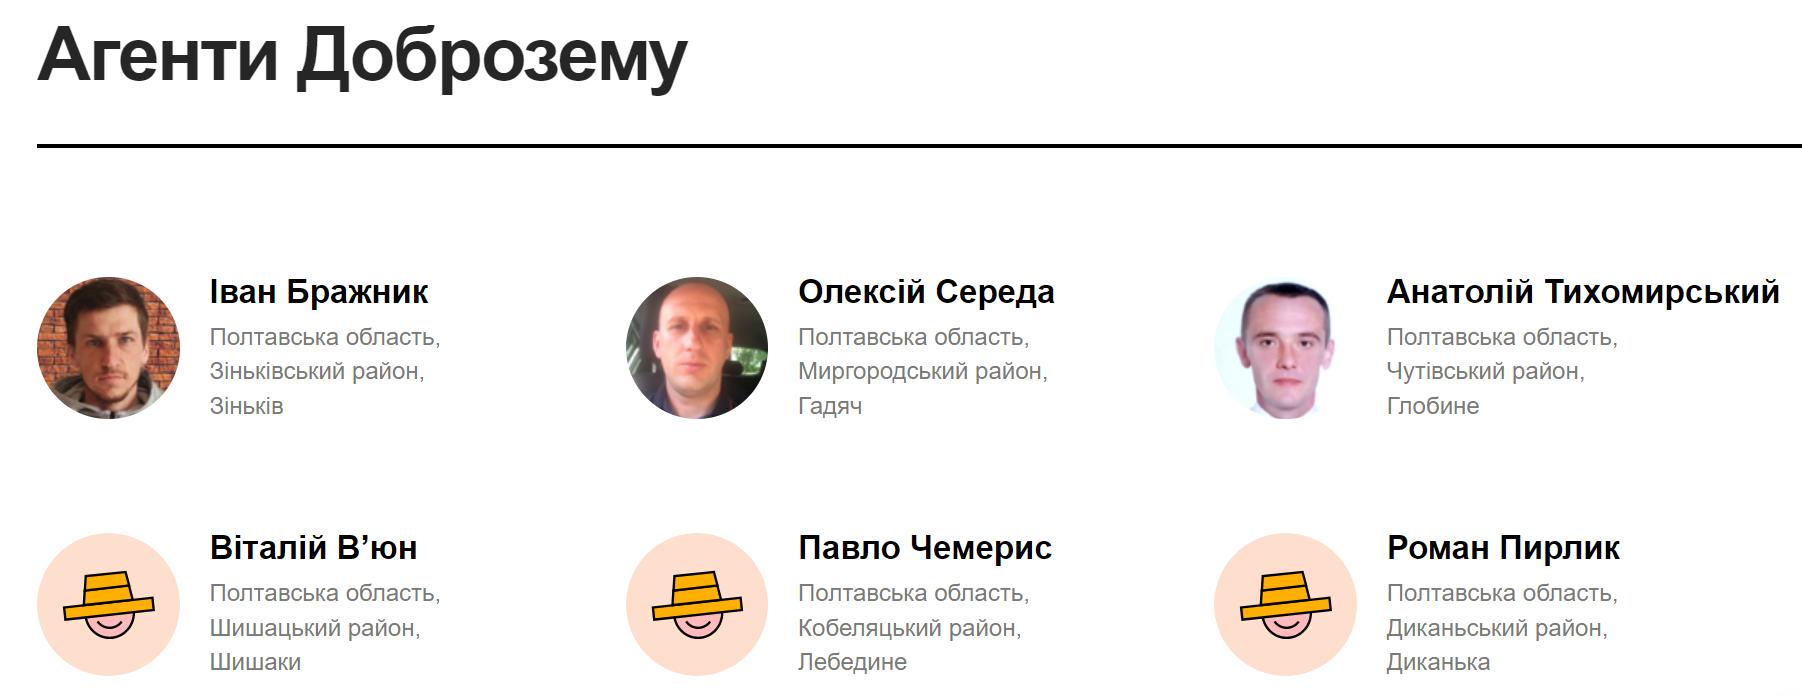 Как инвестировать в землю обычному украинцу. Чтобы разобраться, LIGA.net купила 3 гектара